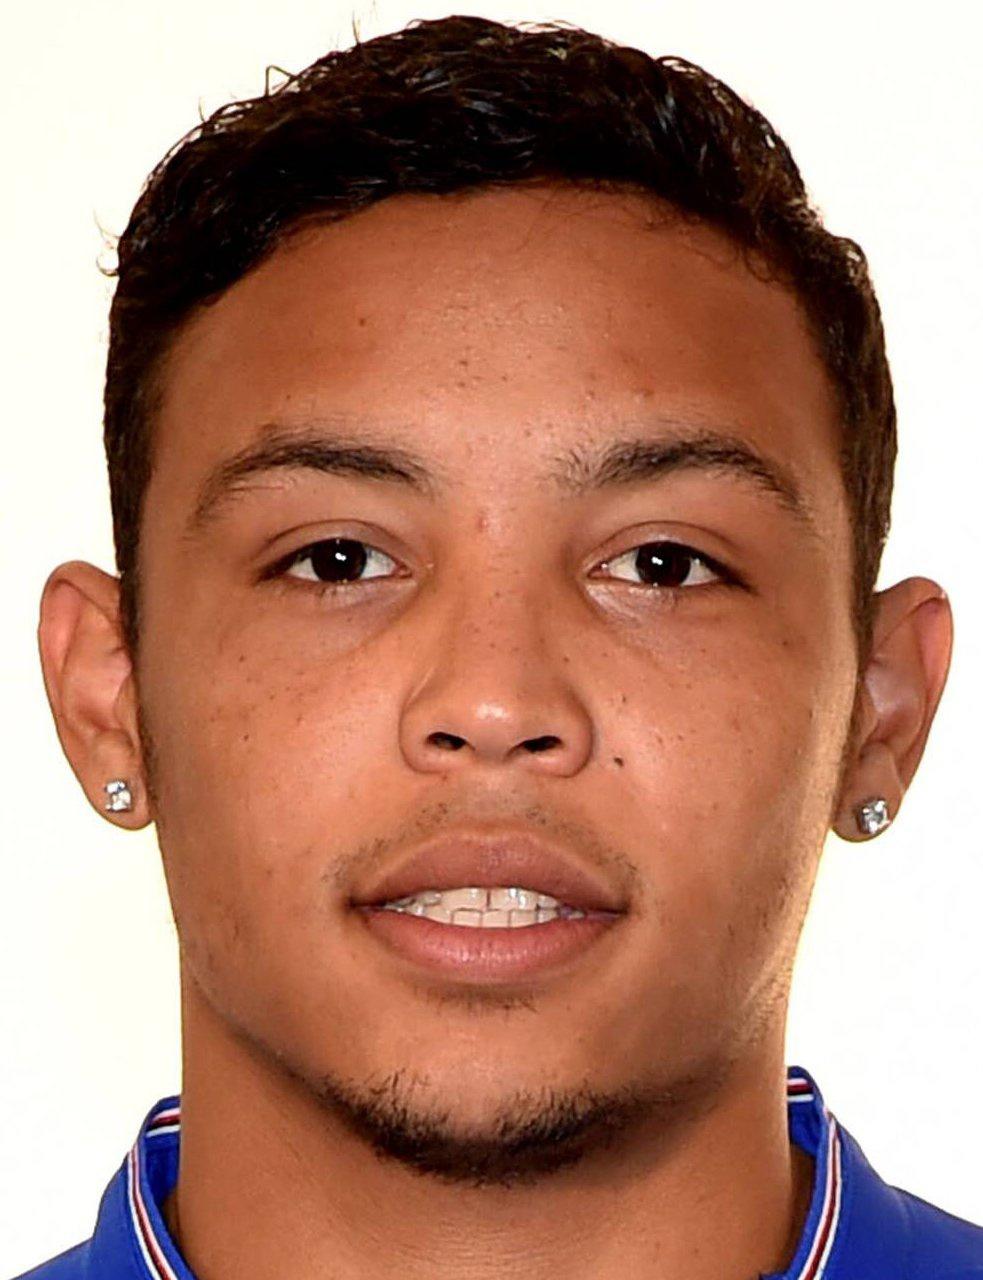 Luis muriel spielerprofil 17 18 transfermarkt for Roque mesa transfermarkt